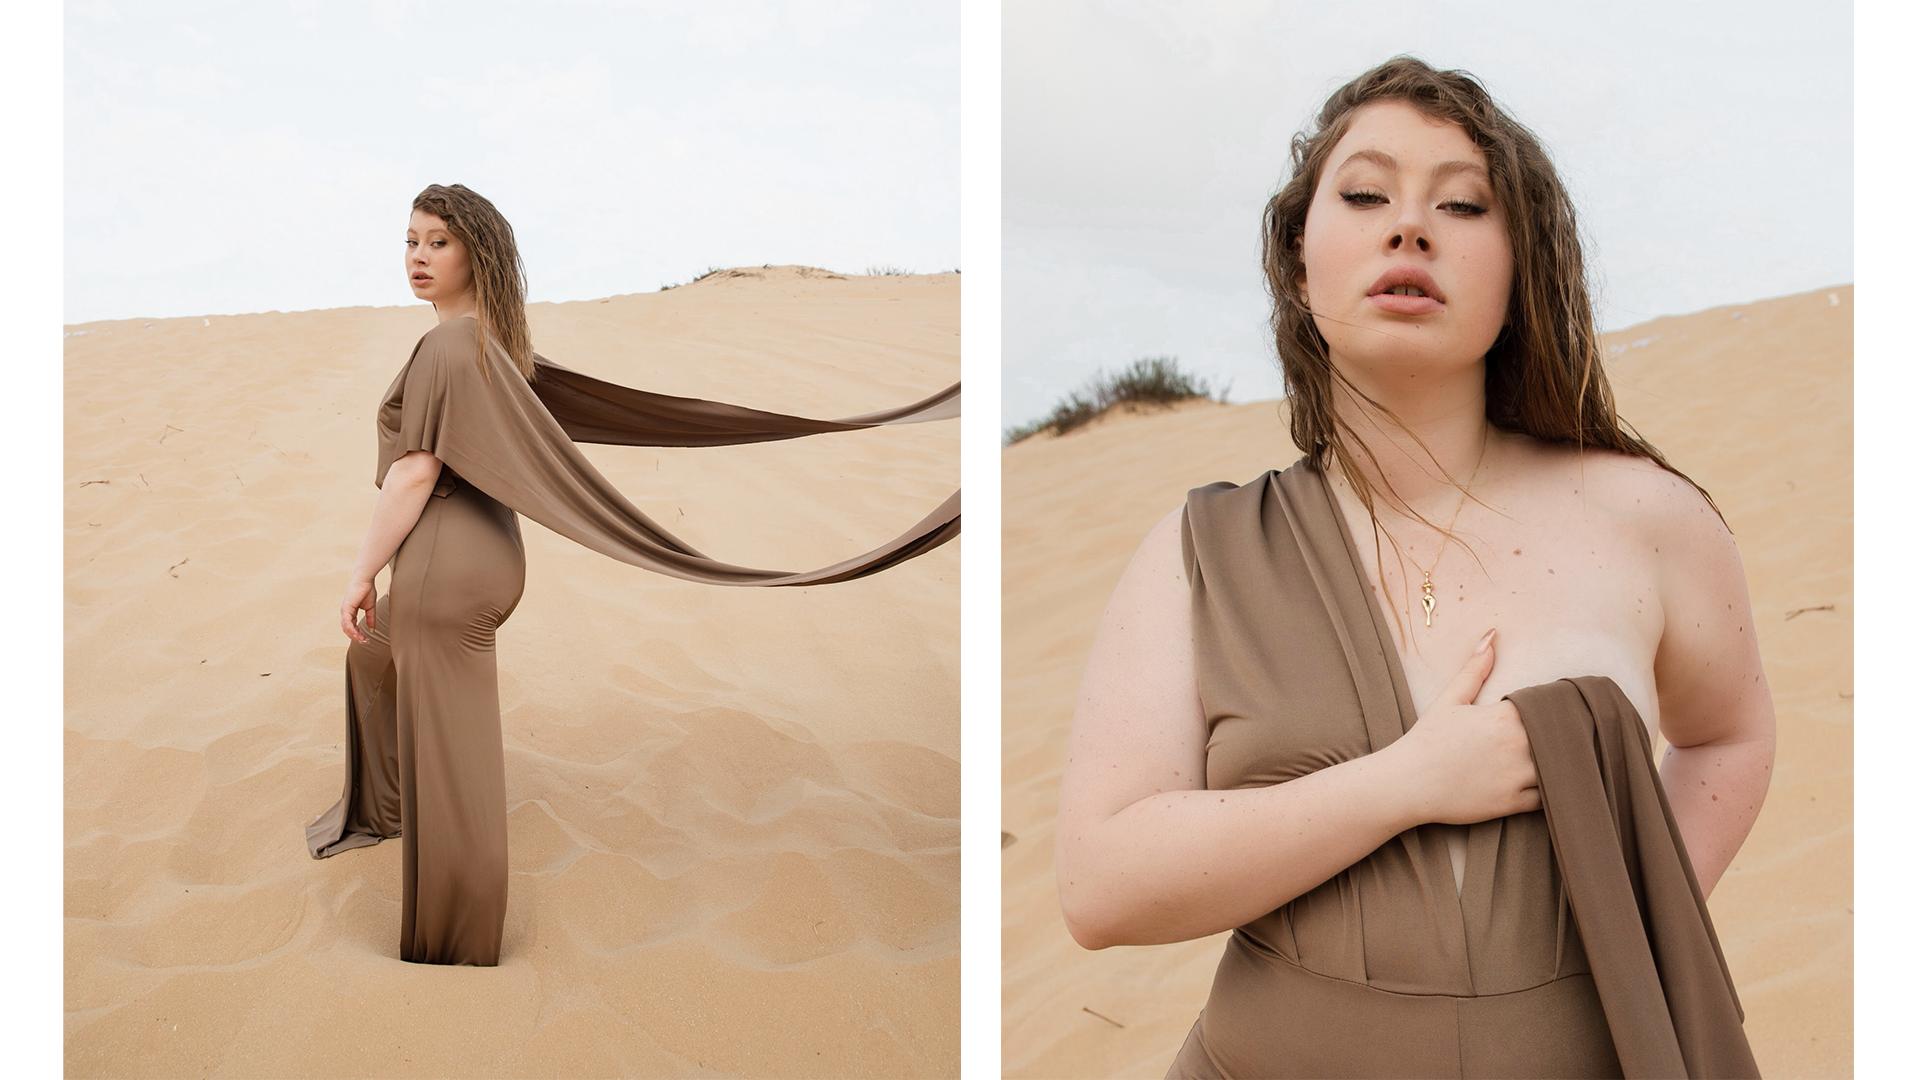 הפקת אופנה - אושר קיי מרומי סוכנות ג׳וסי ל מגזין האופנה  ARE